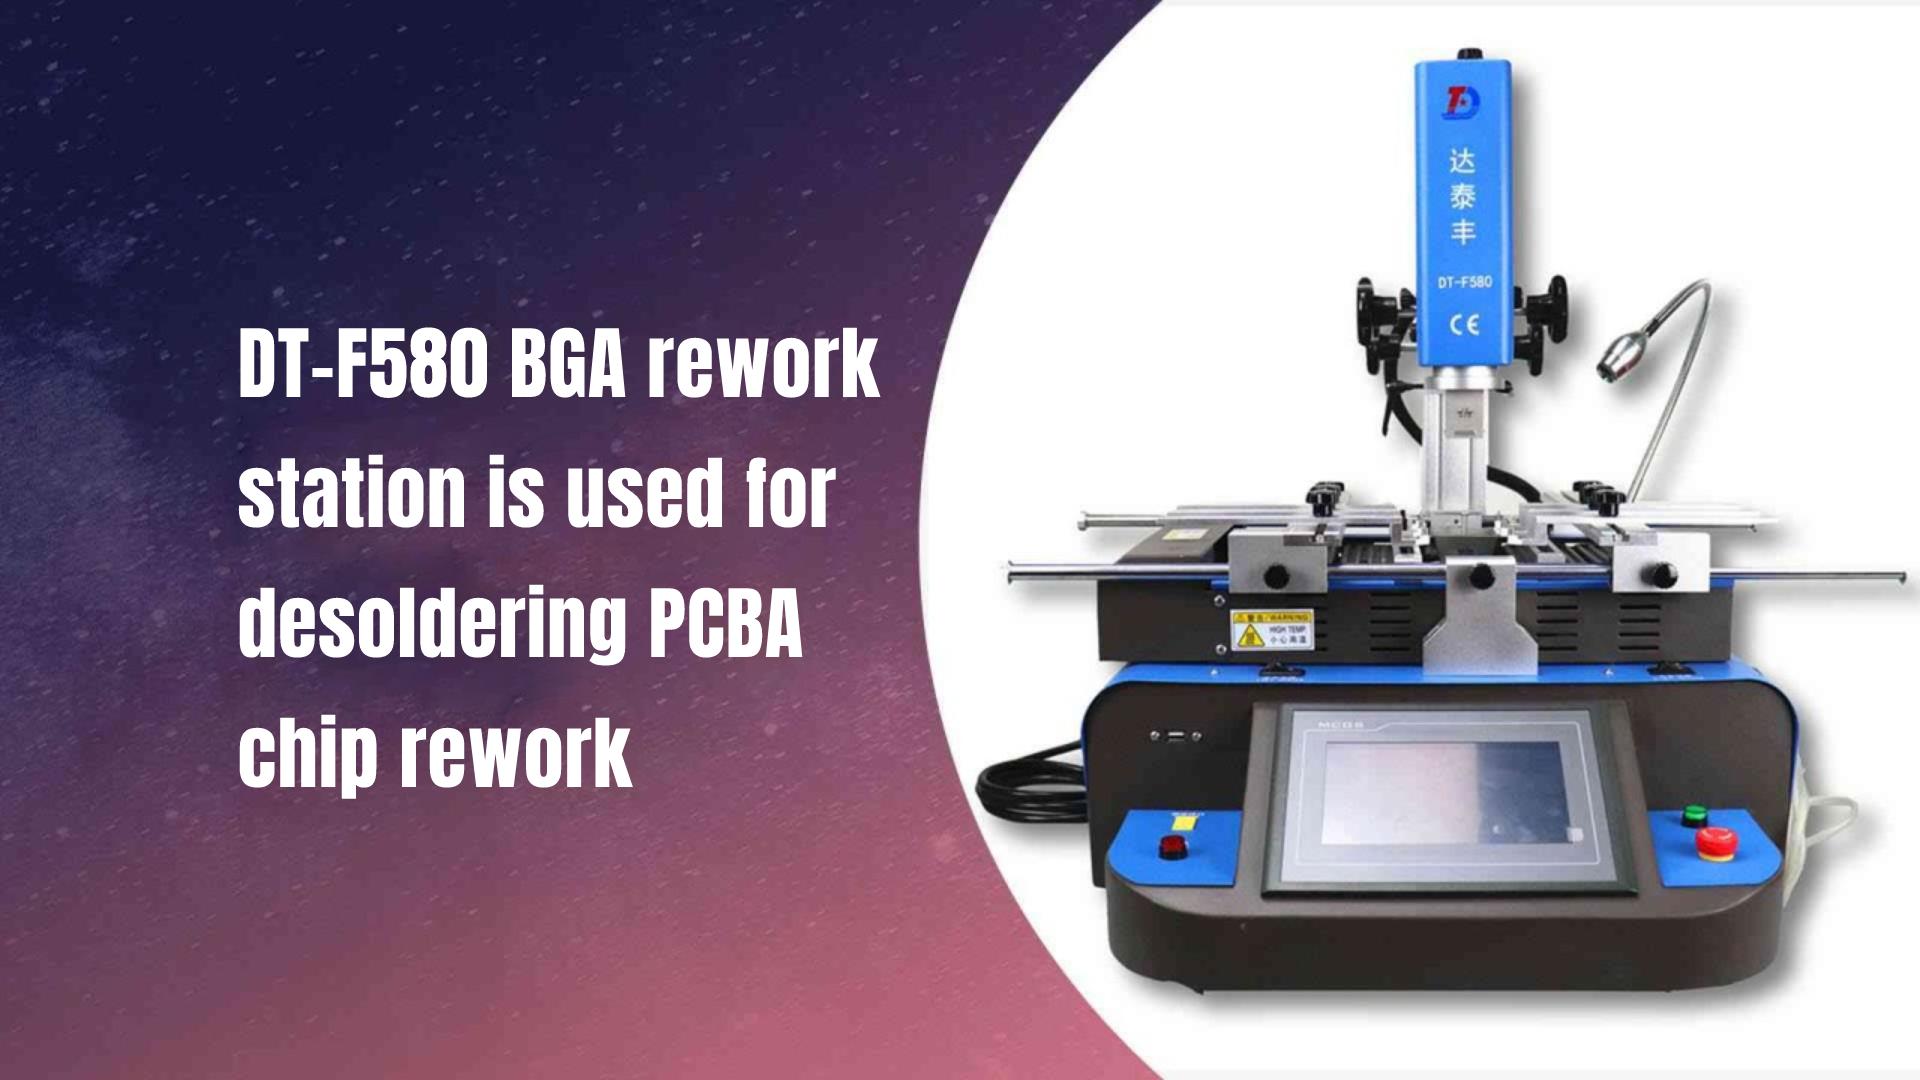 DT-F580 BGA rework station is used for desoldering PCBA chip rework